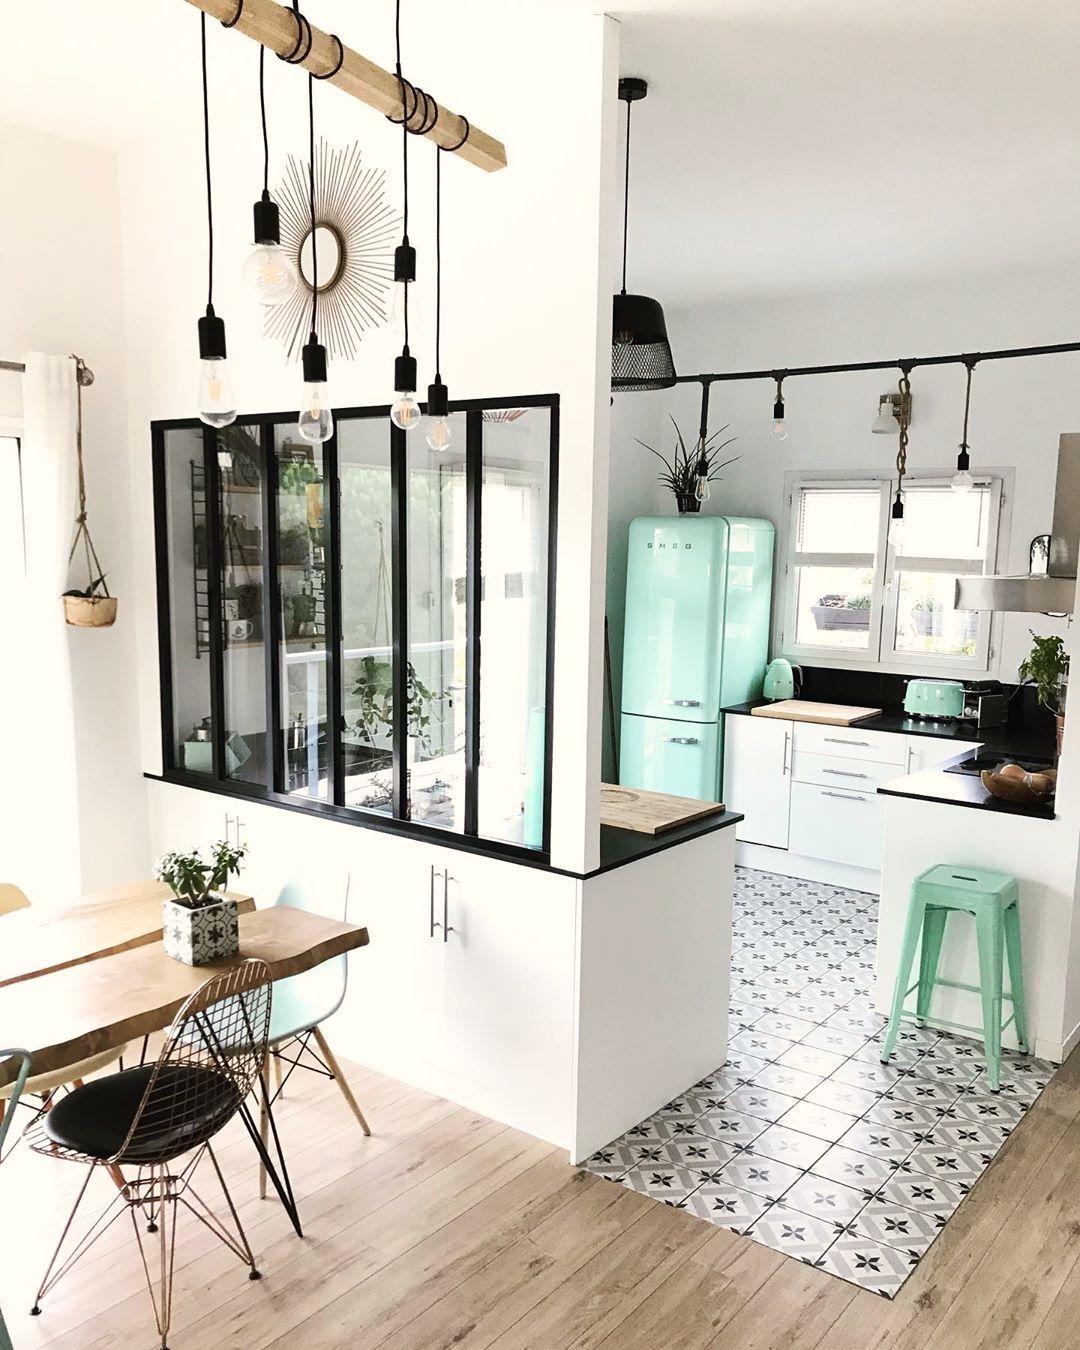 cuisine ouverte carrelage céramique gris suspension bois noir tabouret frigo turquoise